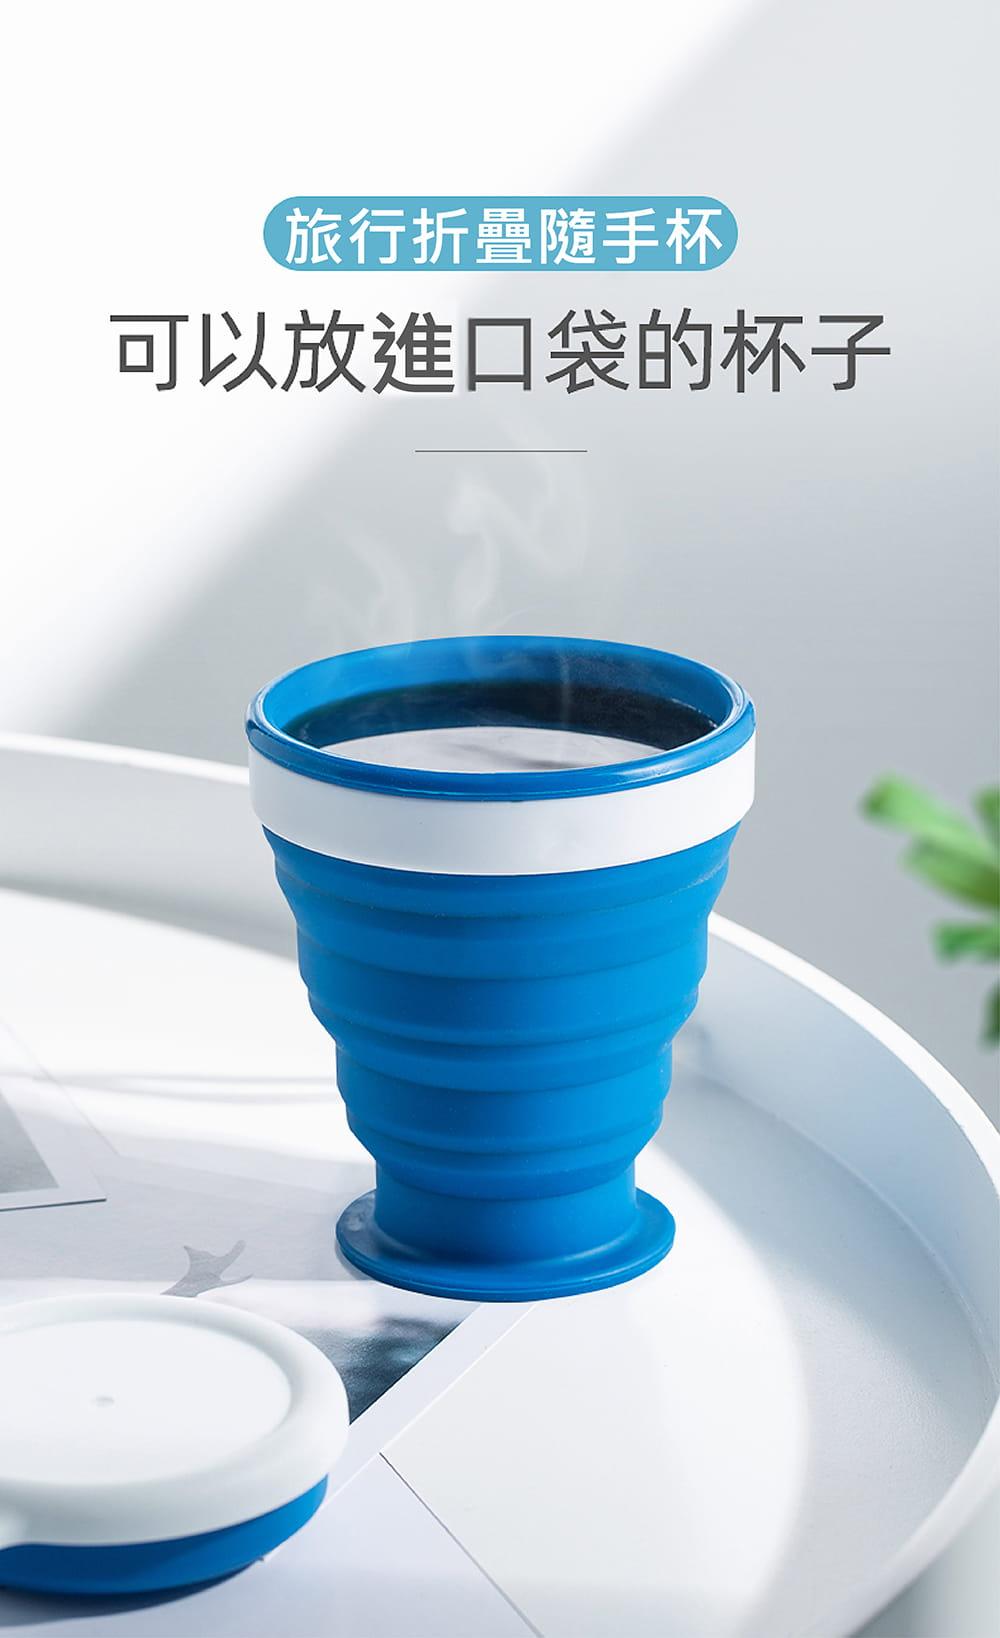 【英才星】太力旅行便攜輕巧摺疊矽膠杯 1